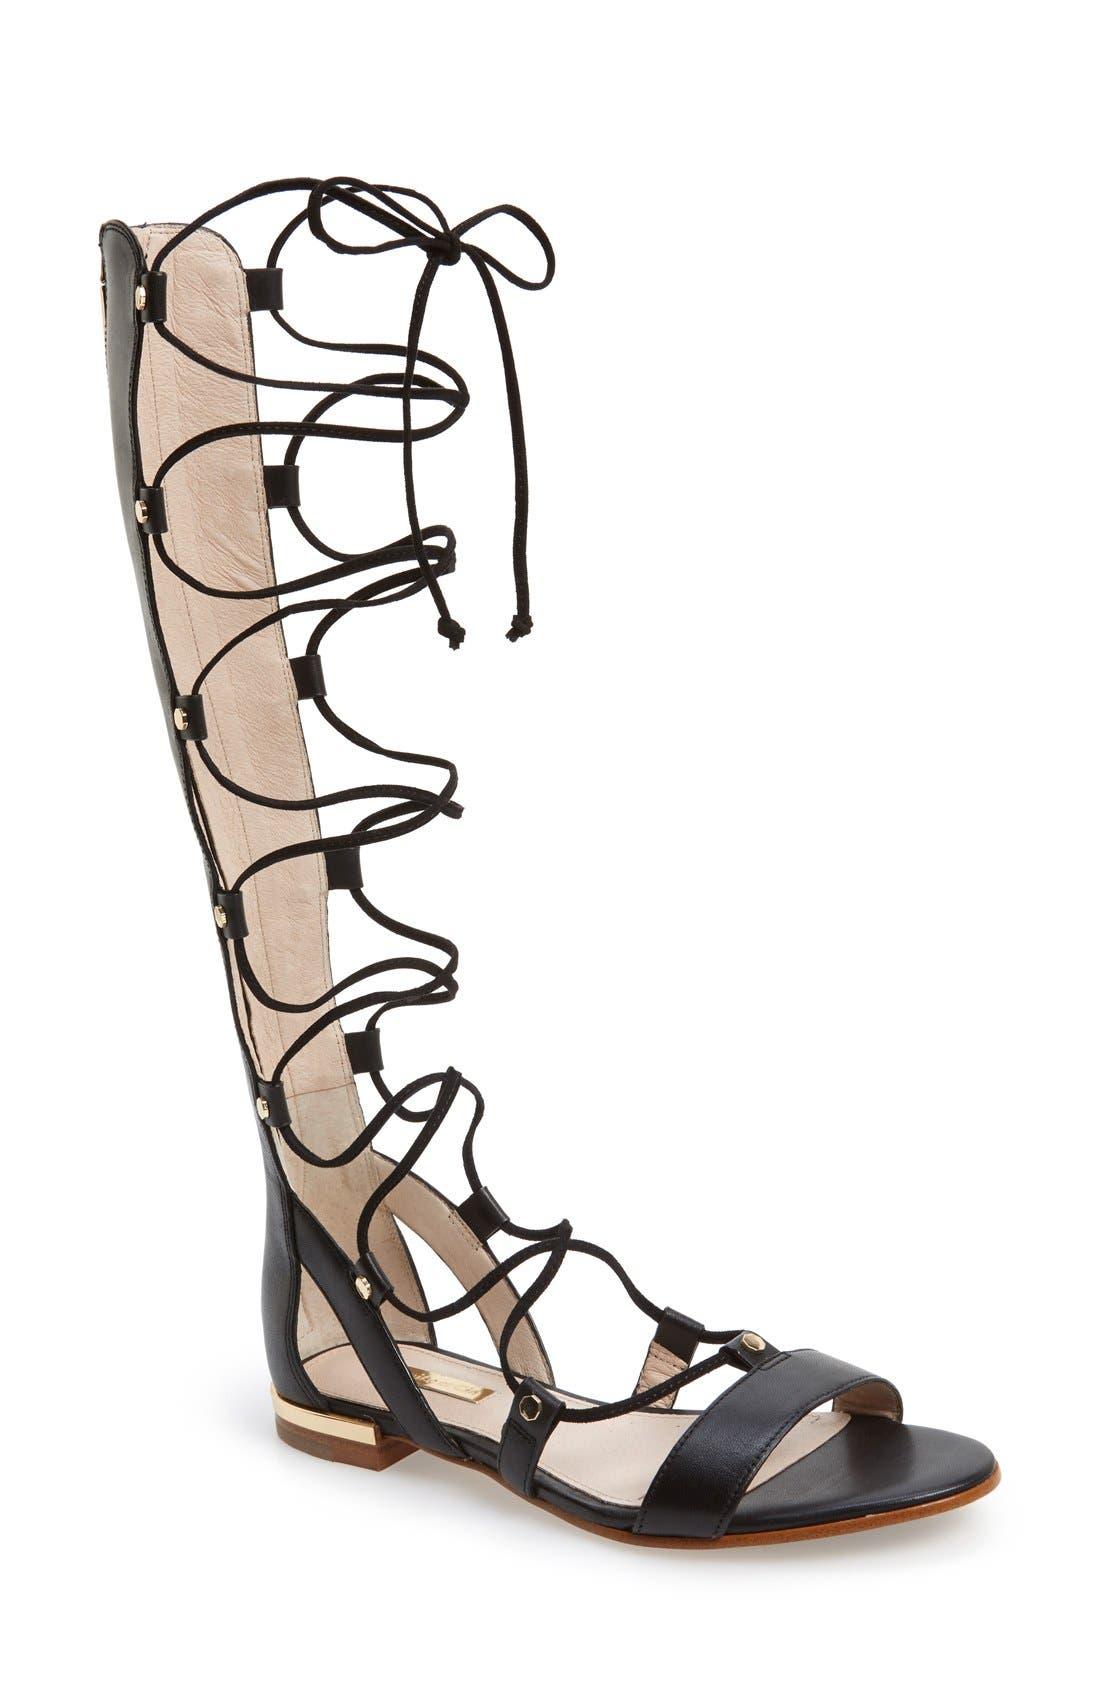 Alternate Image 1 Selected - Louise et Cie 'Kaelyn' Tall Gladiator Sandal (Women)